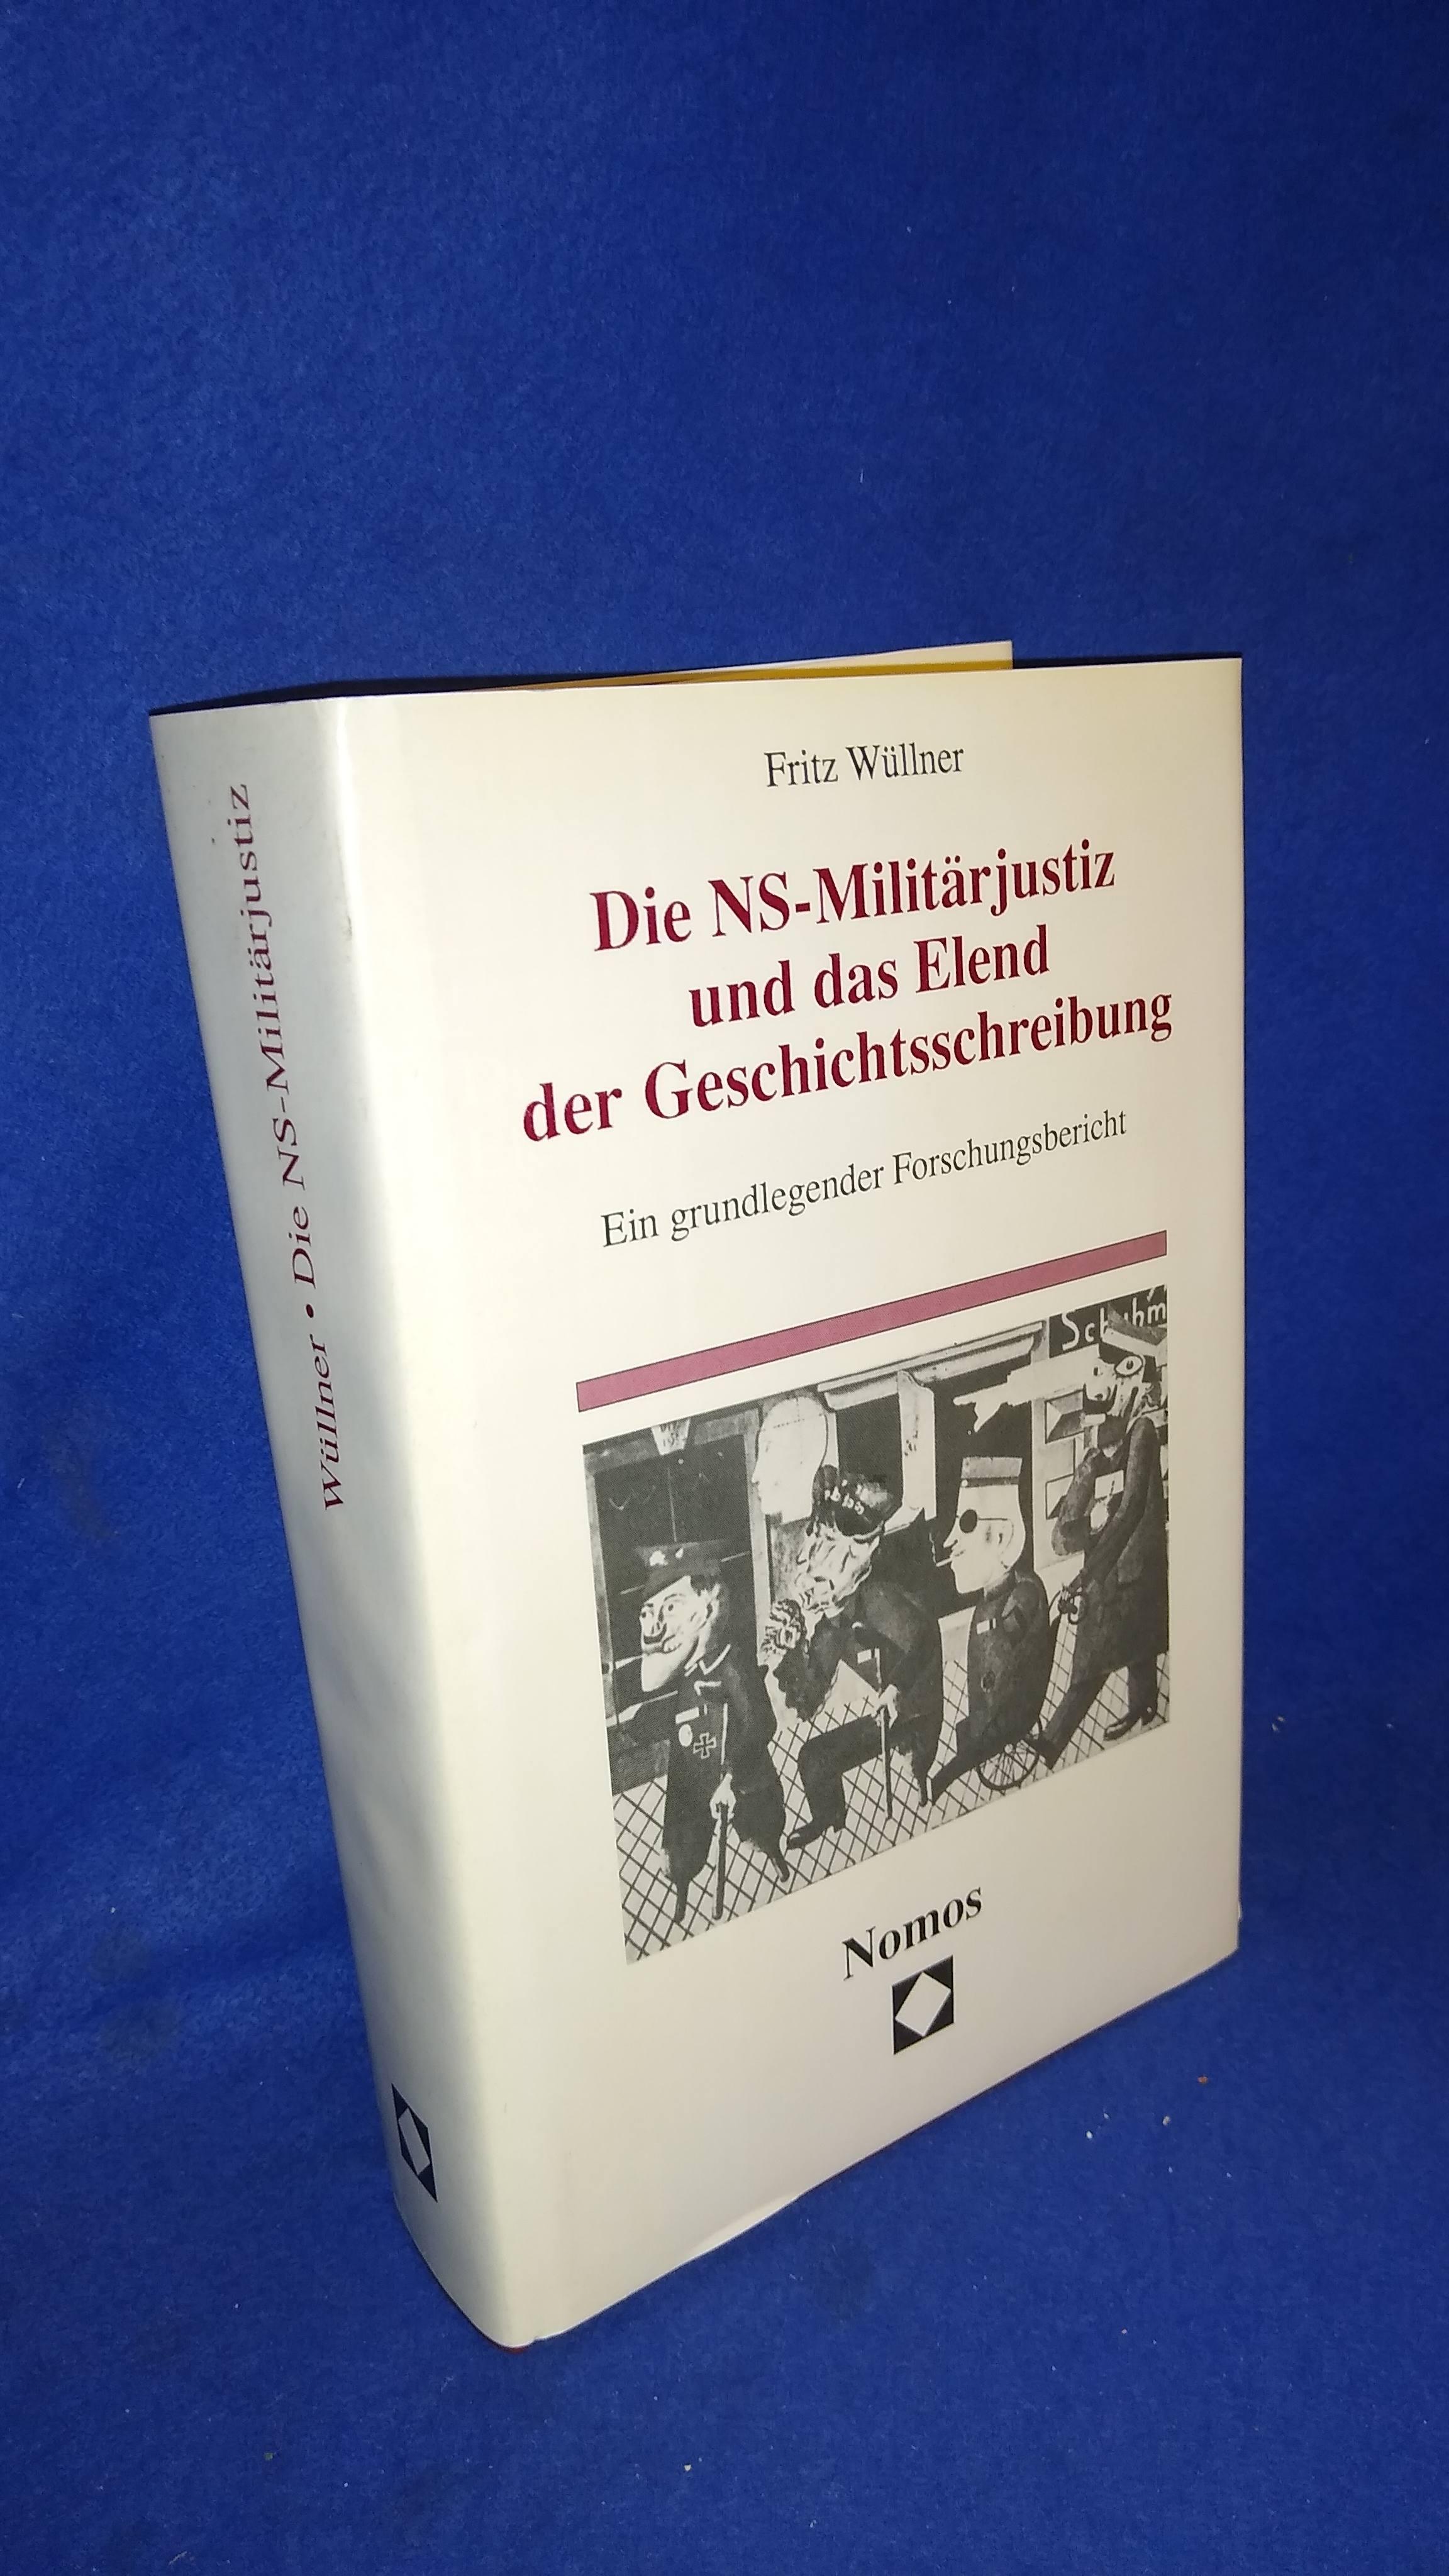 Die NS-Militärjustiz und das Elend der Geschichtsschreibung. Ein grundlegender Forschungsbericht.